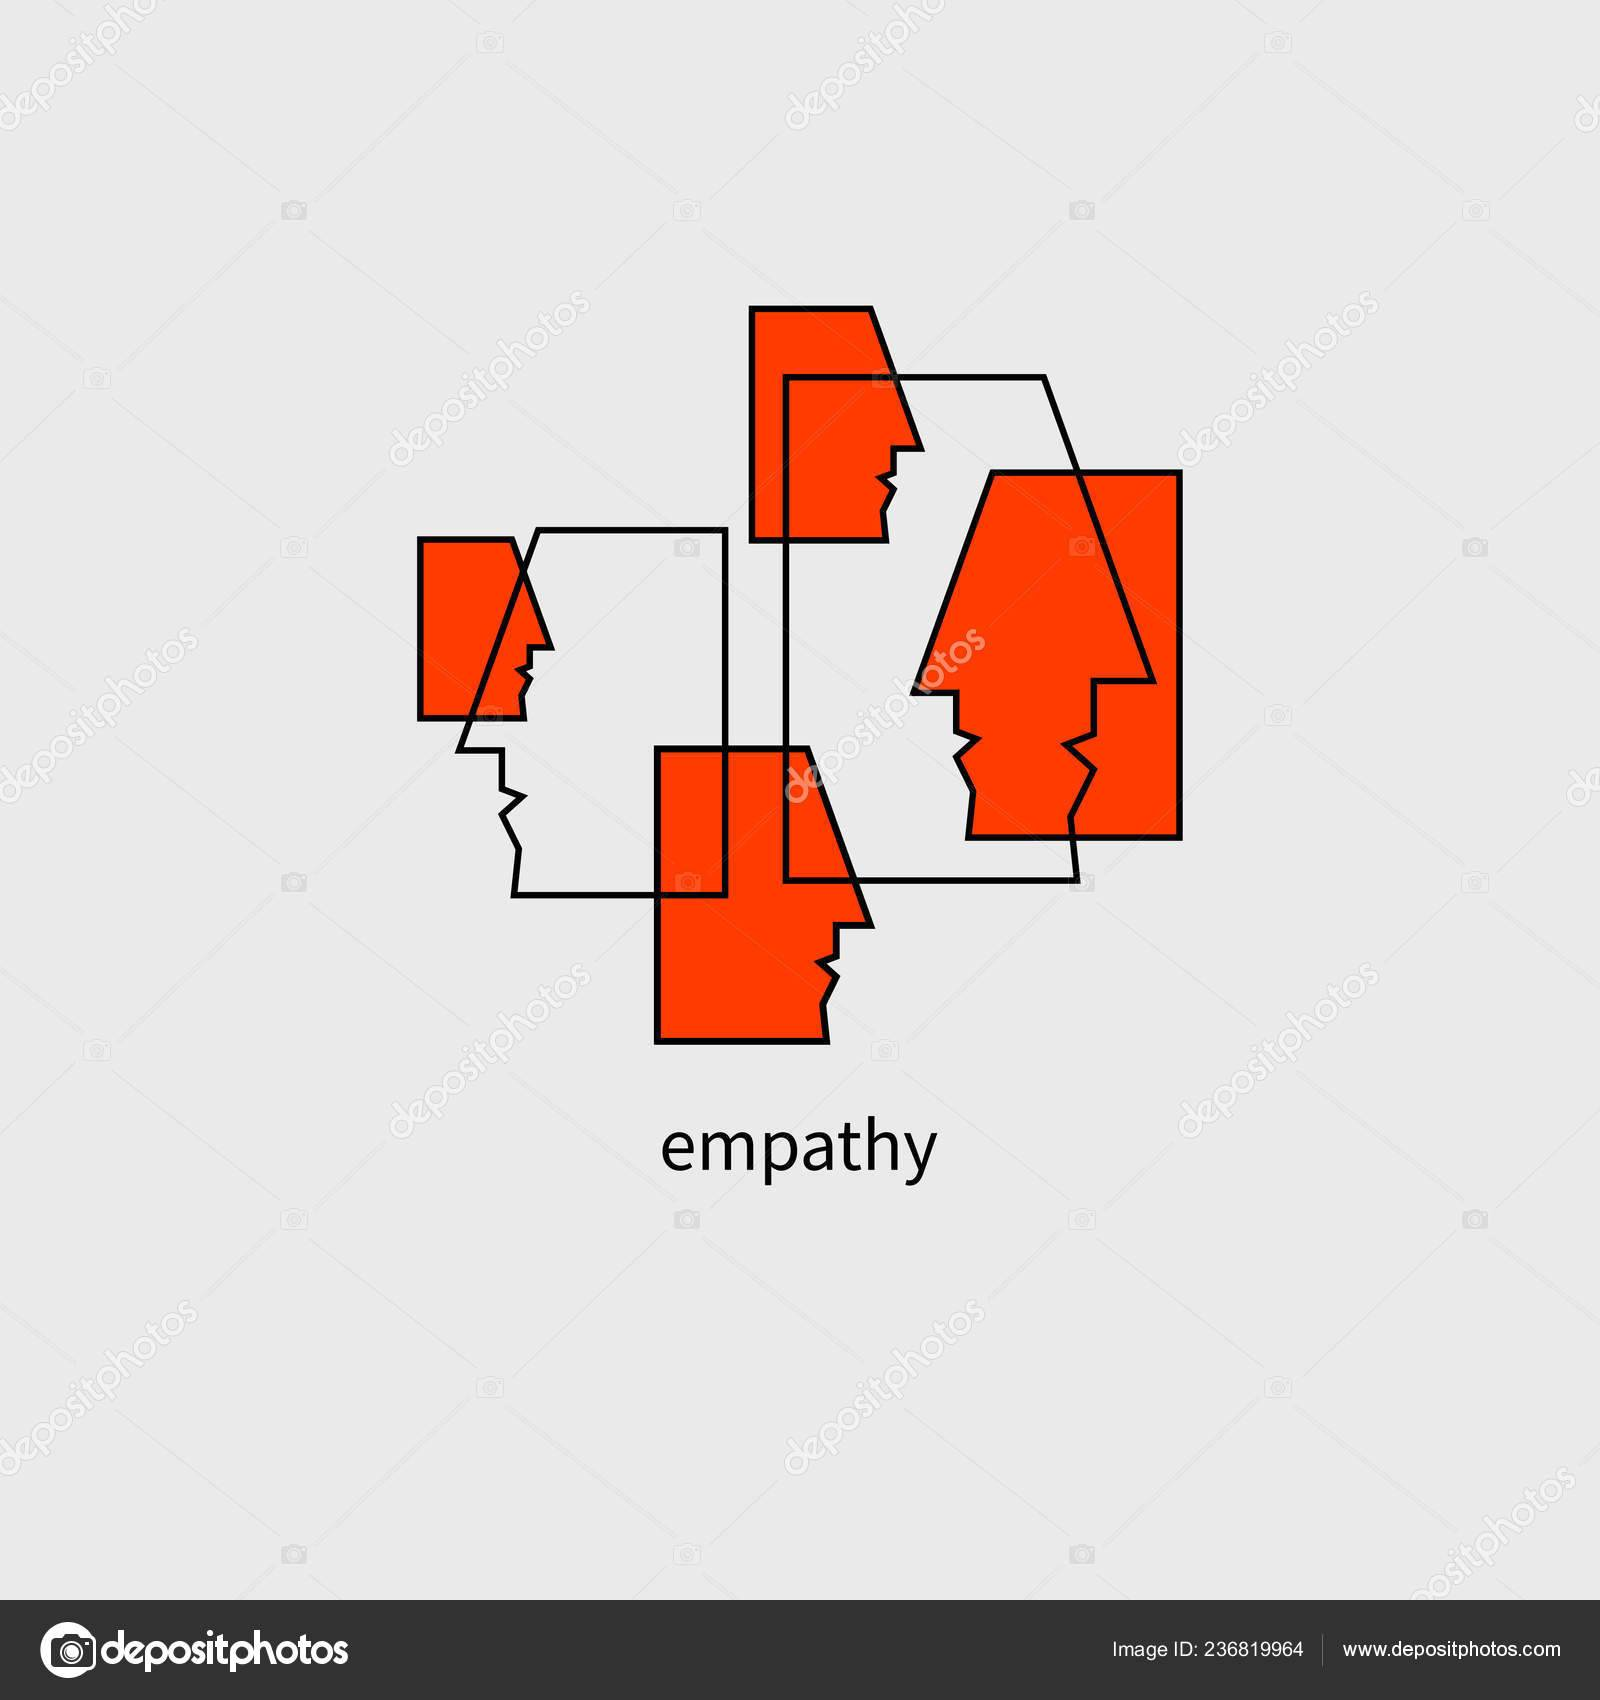 Психология: сопереживание - бесплатные статьи по психологии в доме солнца